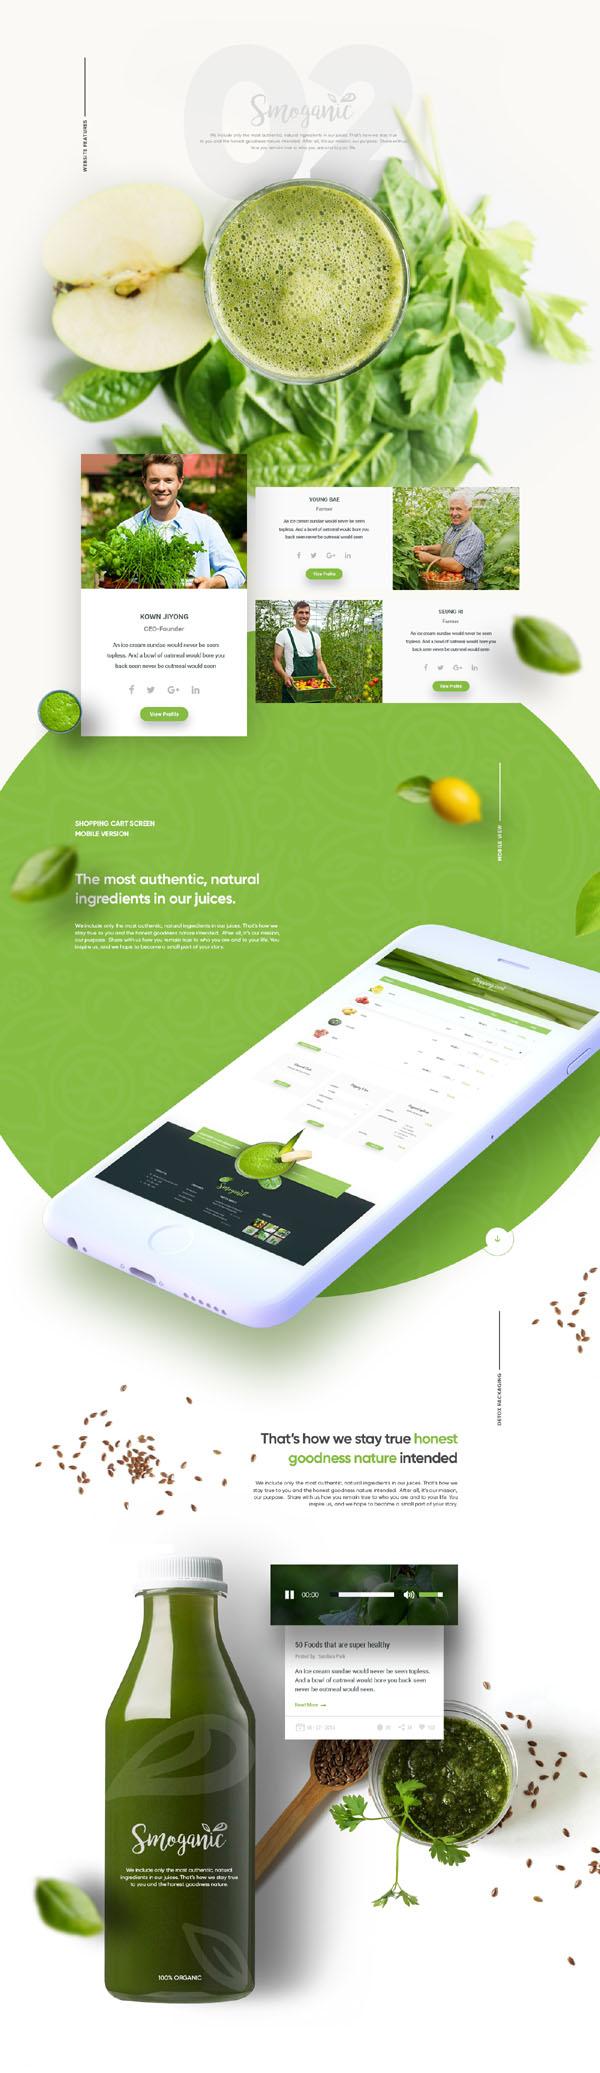 国外某绿色环保系风格的Smoganic网页界面设计欣赏